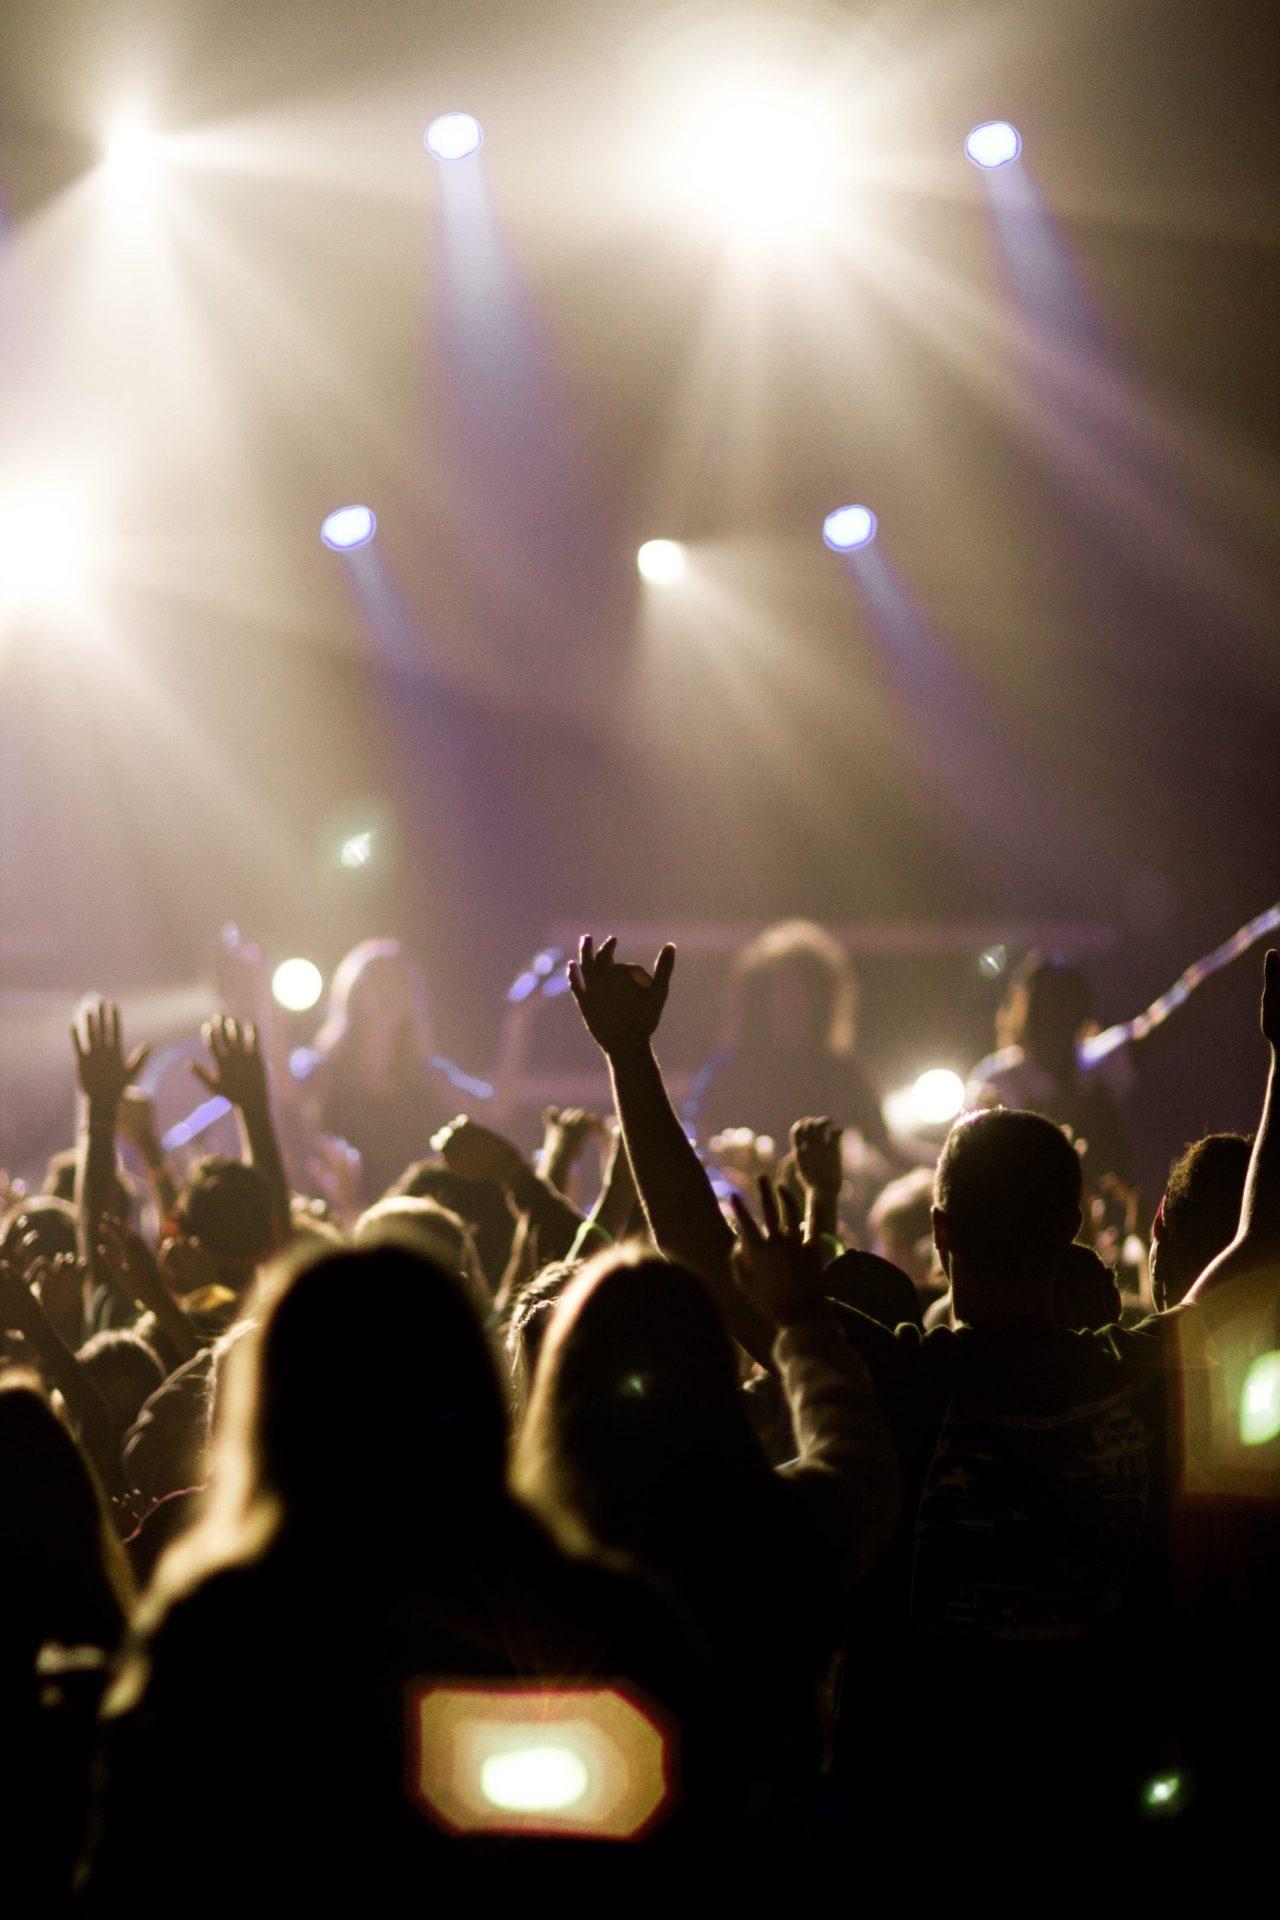 Un système de billetterie résolument orienté service pour les SMAC, zéniths, cabarets, BDE, associations, productions, artistes ...